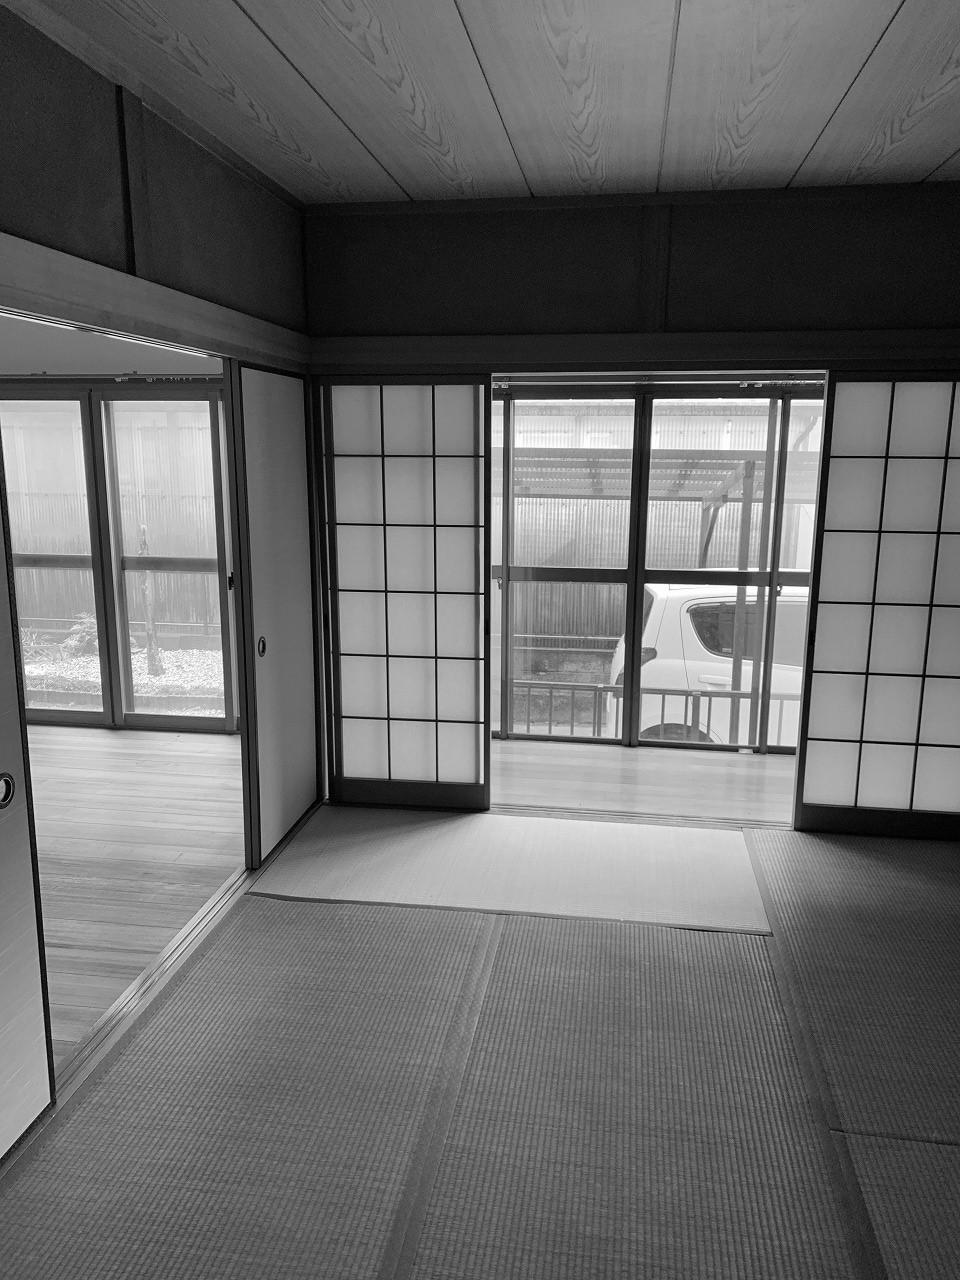 南面は3部屋に区切られ、建具に囲まれた広縁つきの和室は、現代の生活には合っていませんでした。